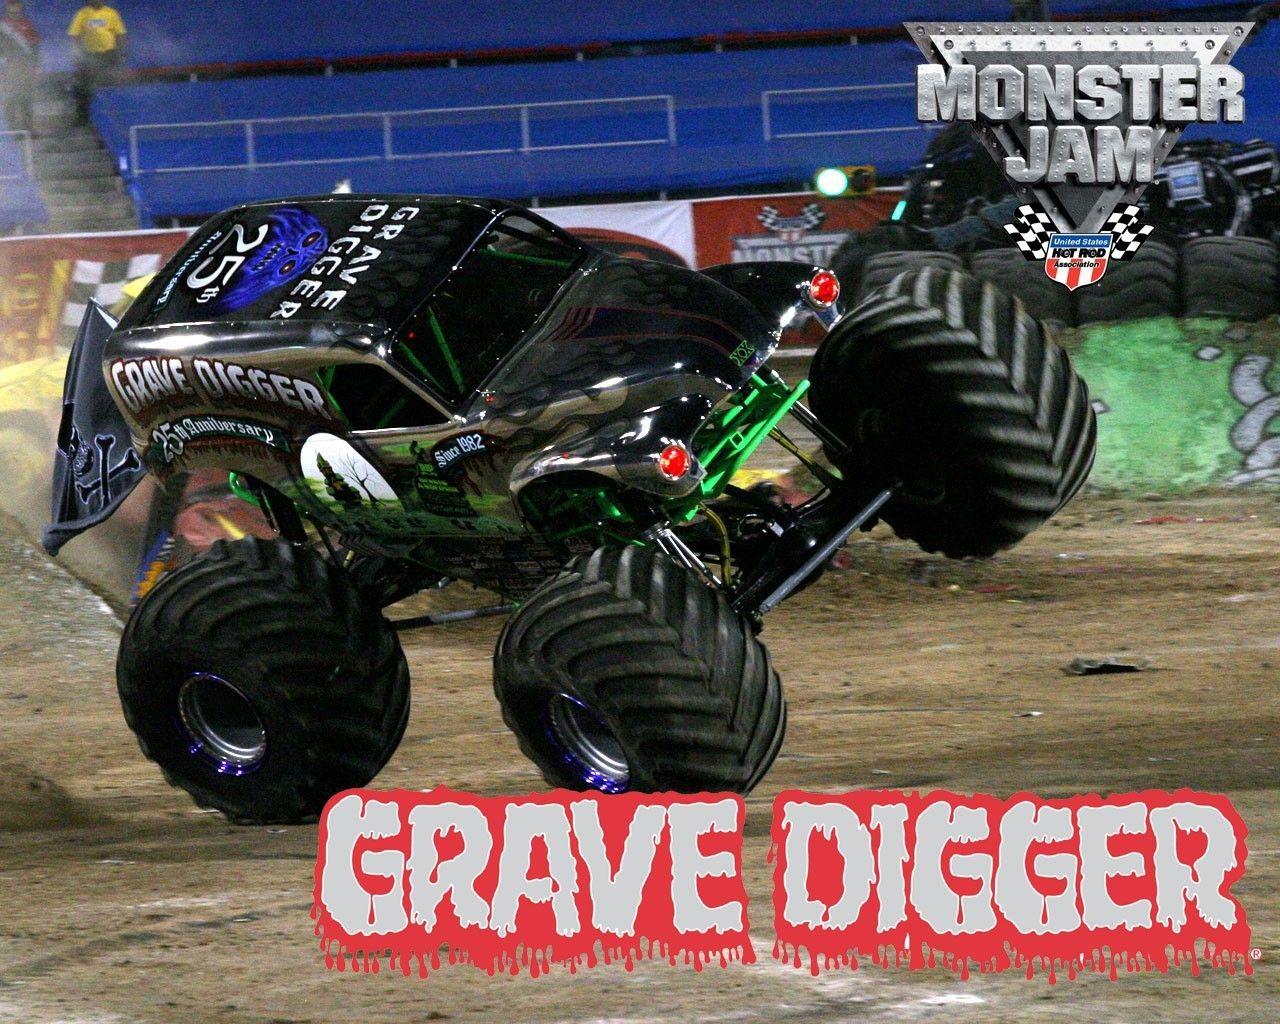 Cars Monster Truck Grave Digger Jam Wallpaper Monster Trucks Trucks Monster Truck Grave Digger